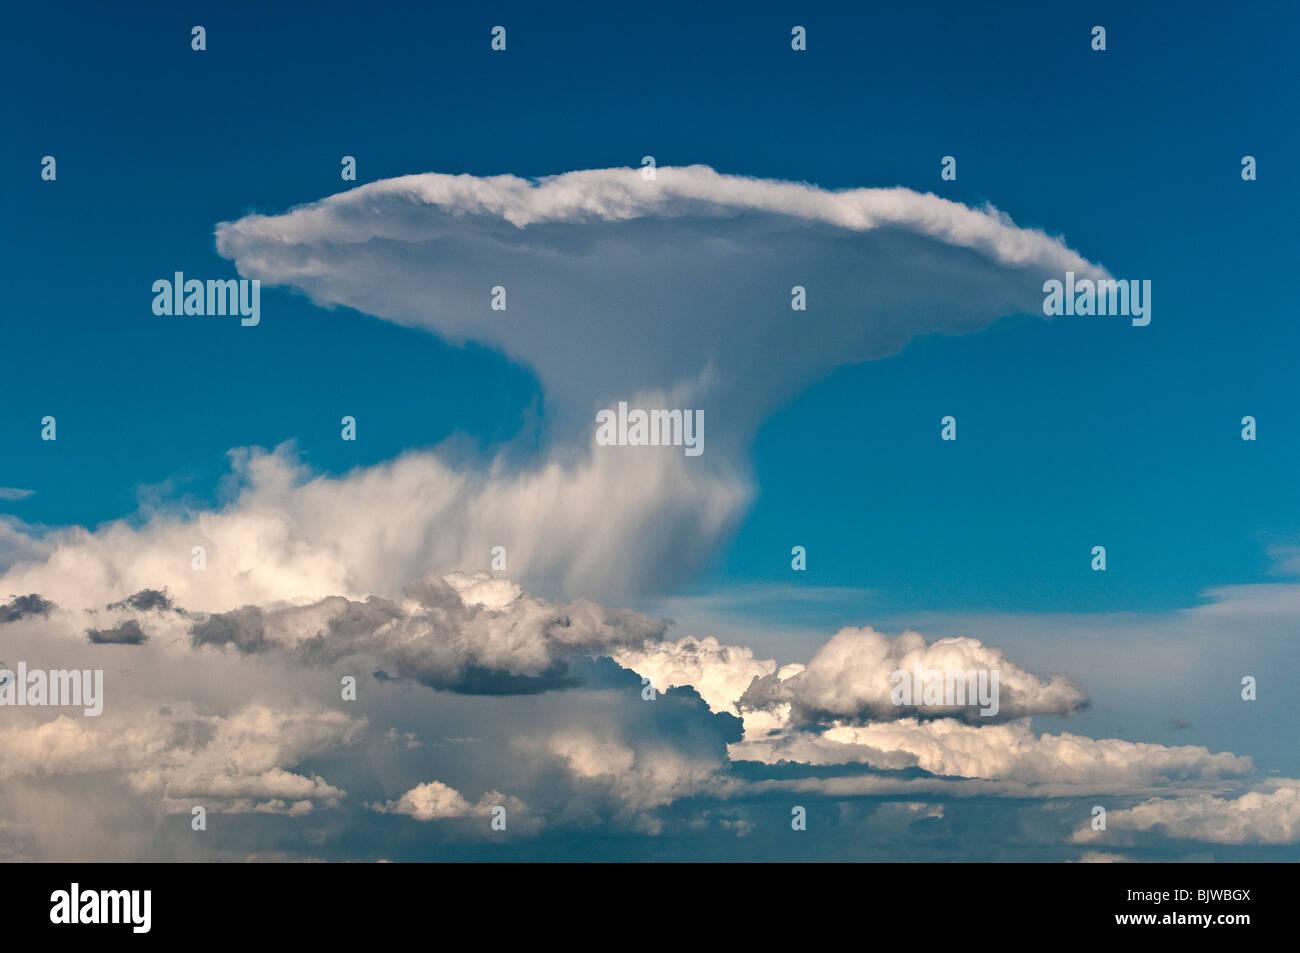 Distant Thunder cloud (Cumulonimbus yunque) erupción en el cielo, cerca de Siena, Toscana, Italia Imagen De Stock